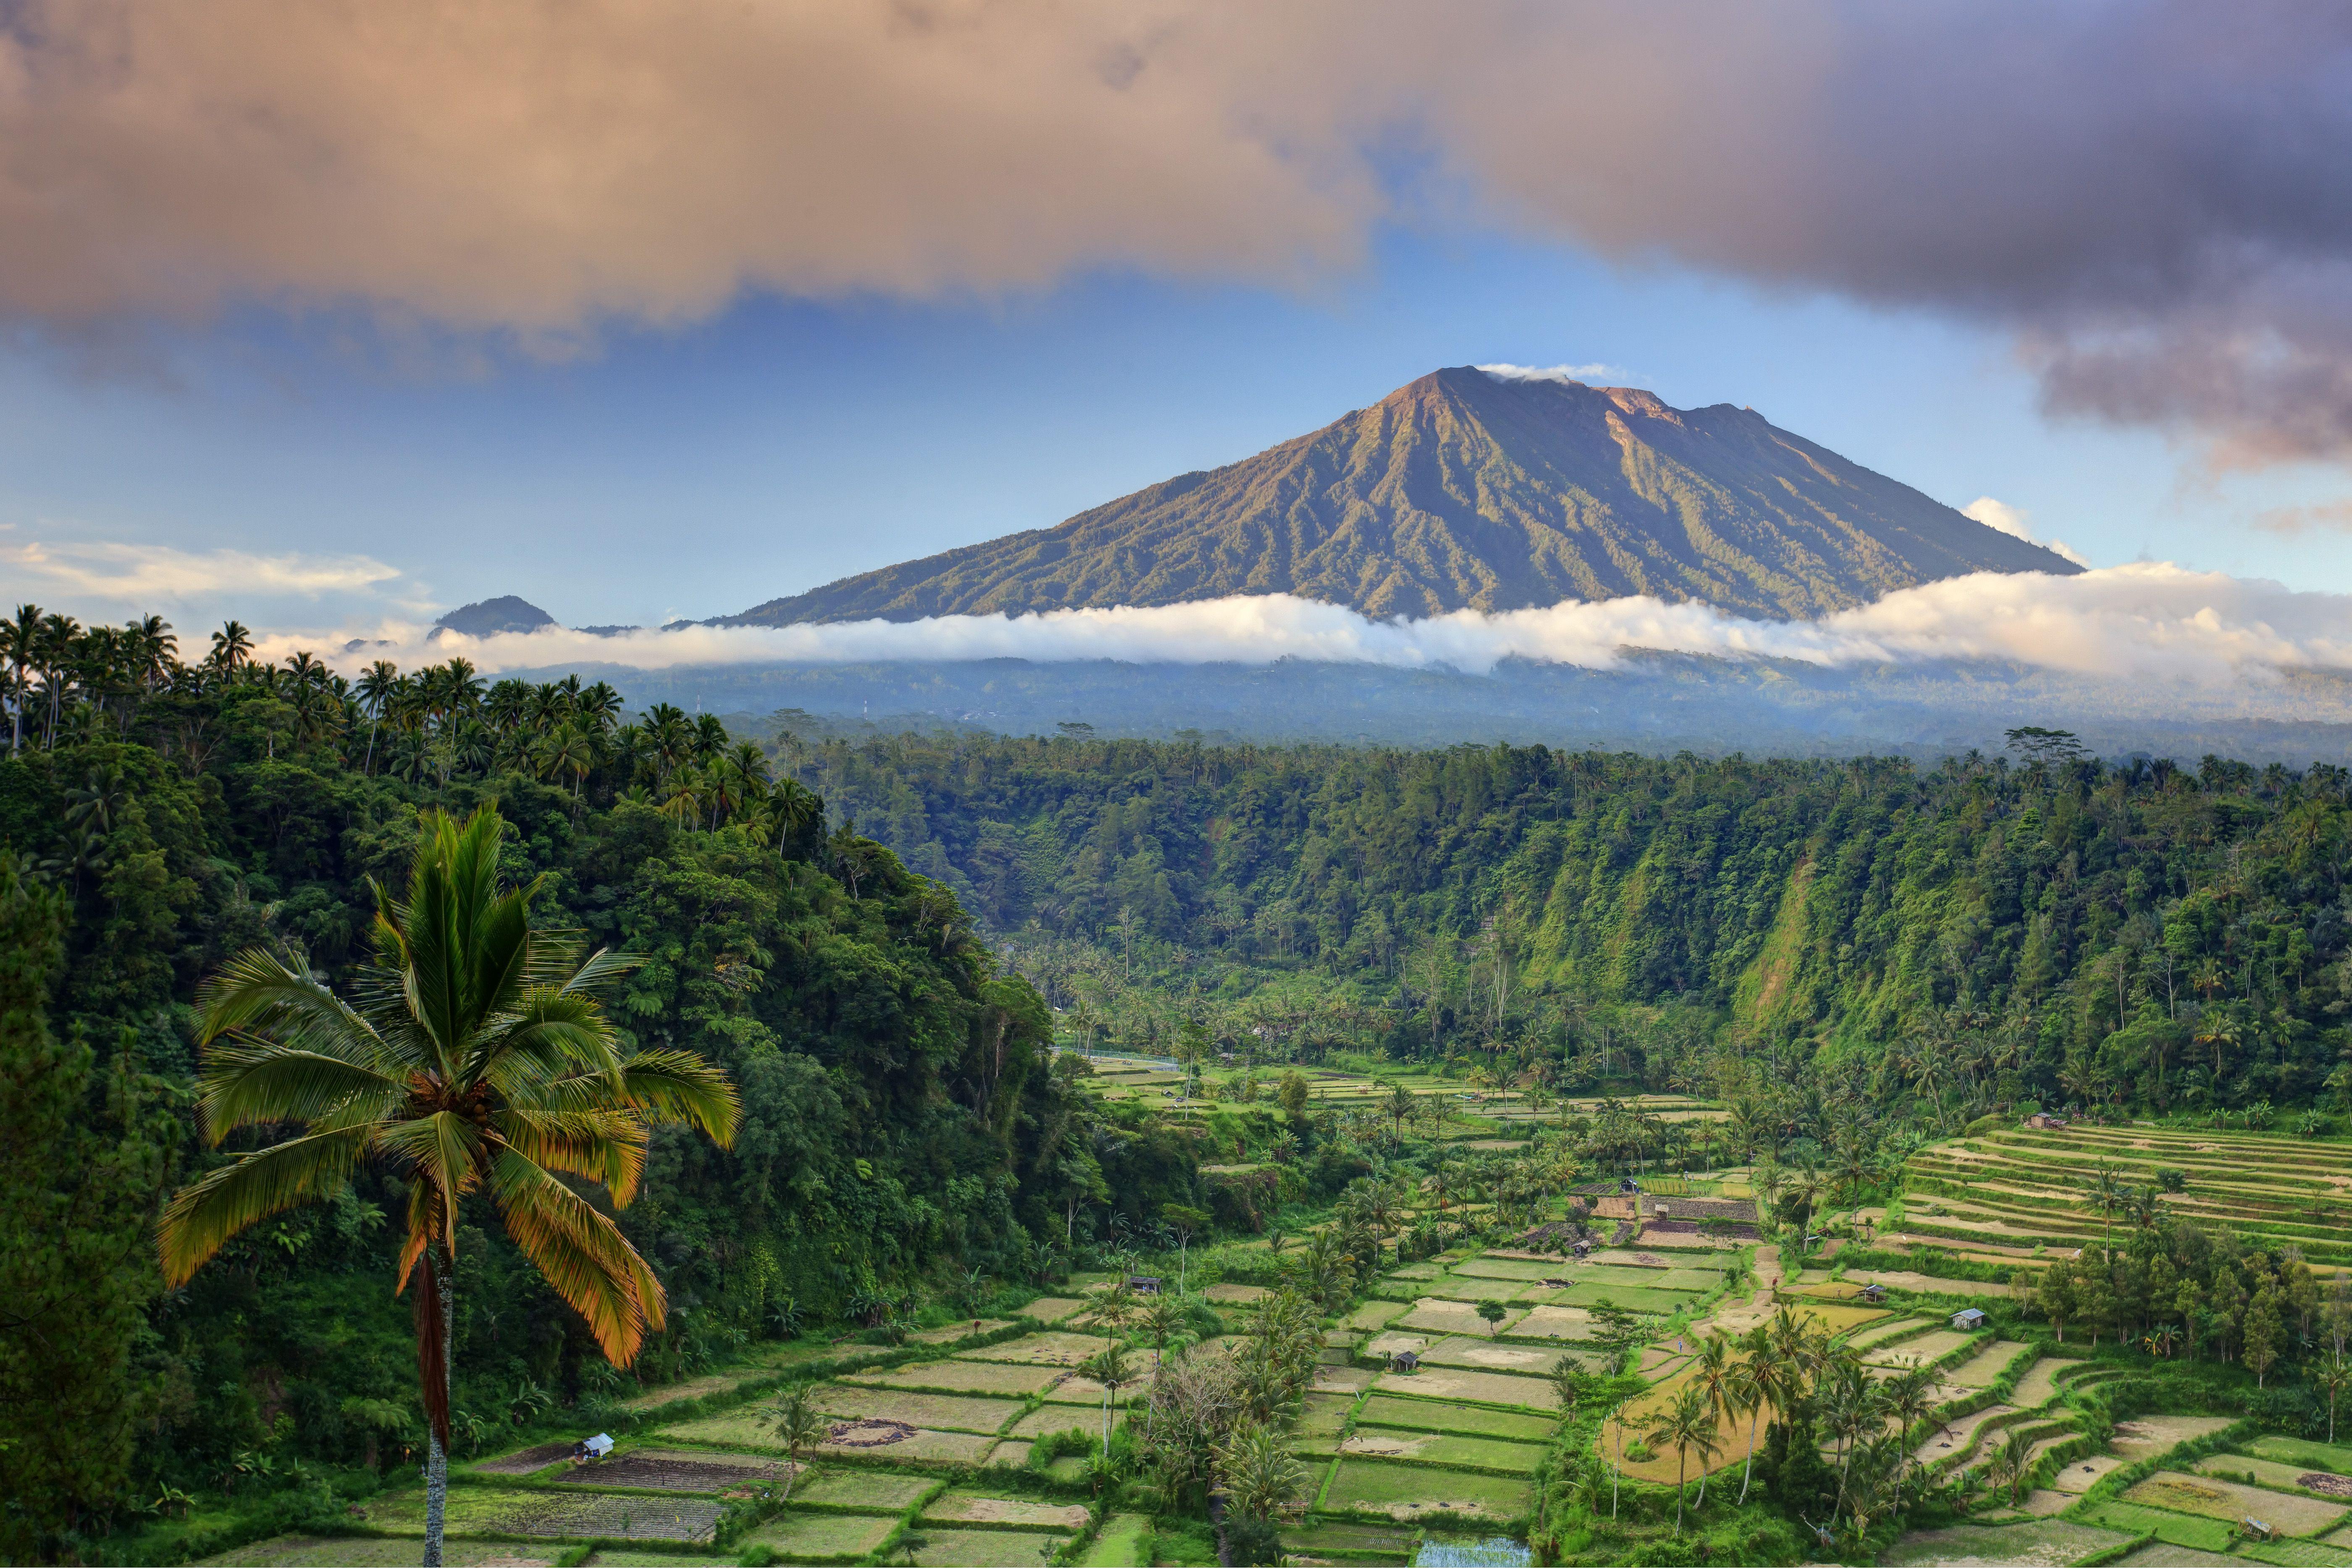 Volcano in Bali overlooks rice paddies